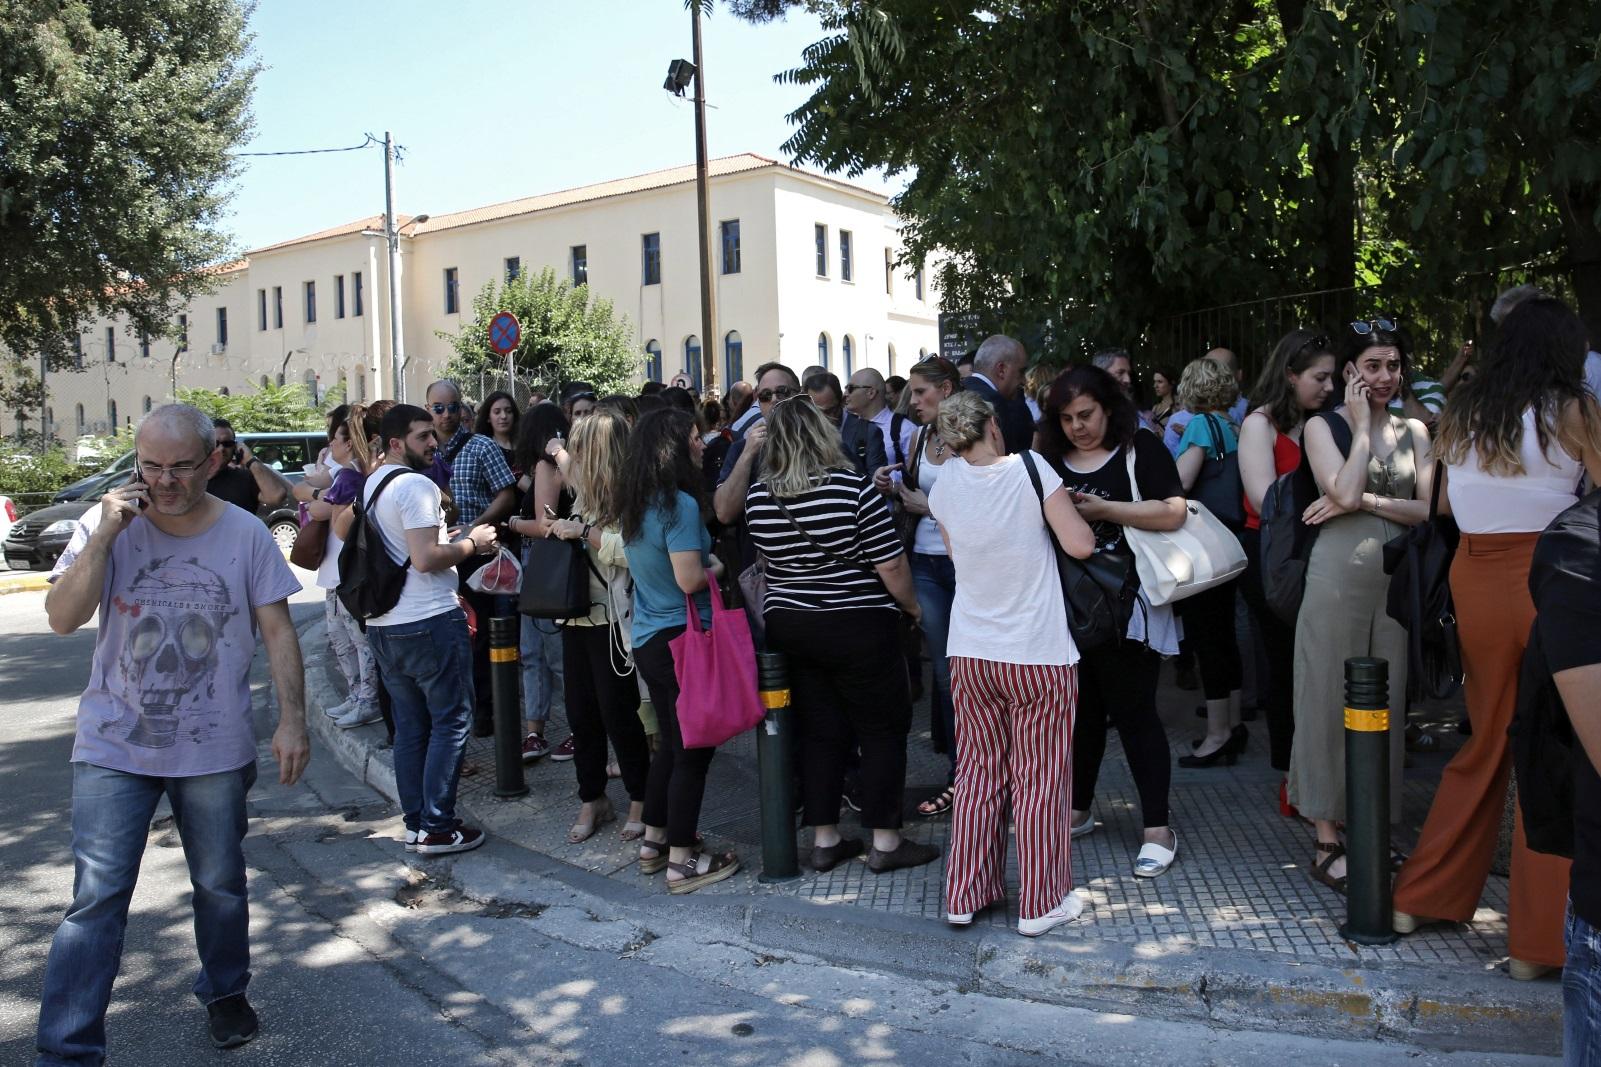 <p>Хиляди паникьосани хора излязоха на улиците в столицата на страната,&nbsp;посочва гръцката телевизия ЕРТ, цитирана от ДПА. Гръцката телевизия Скай съобщава, че с цел превенция гръцките власти са започнали да евакуират сградите на държавните институции, търговски центрове и много други високи здания в Атина.</p>